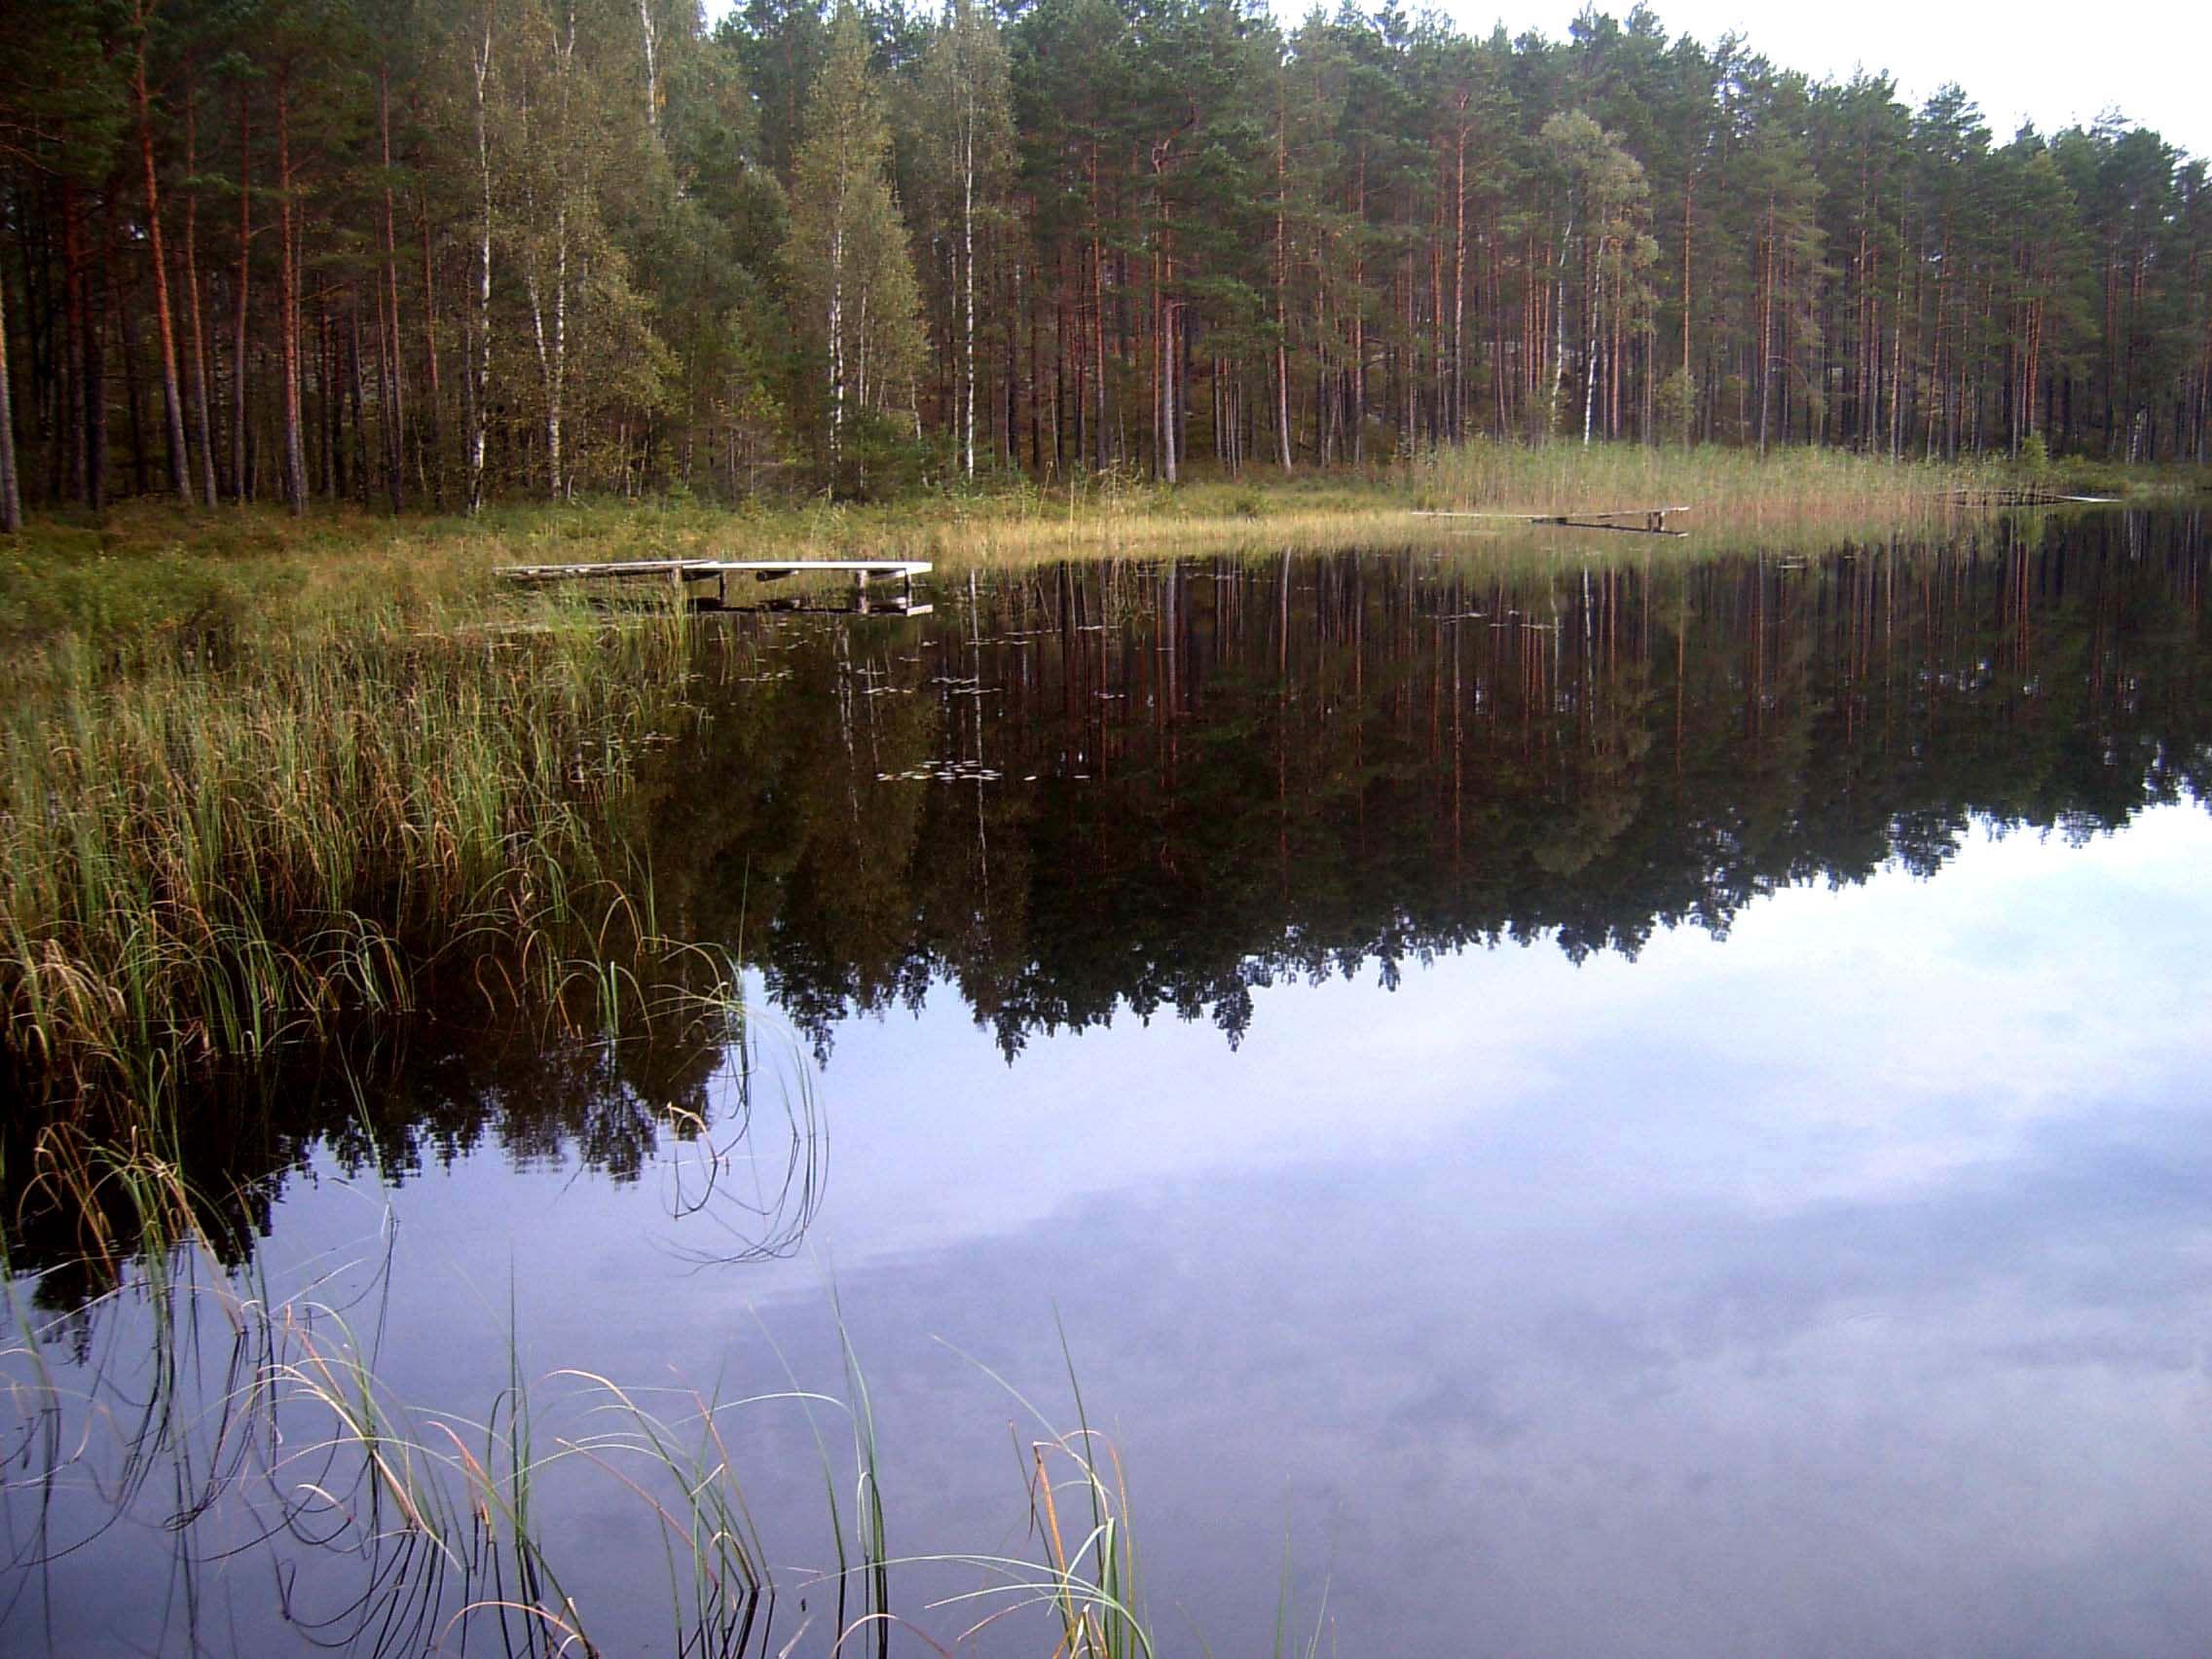 Alegöl, Stora Hammarsjöområdet